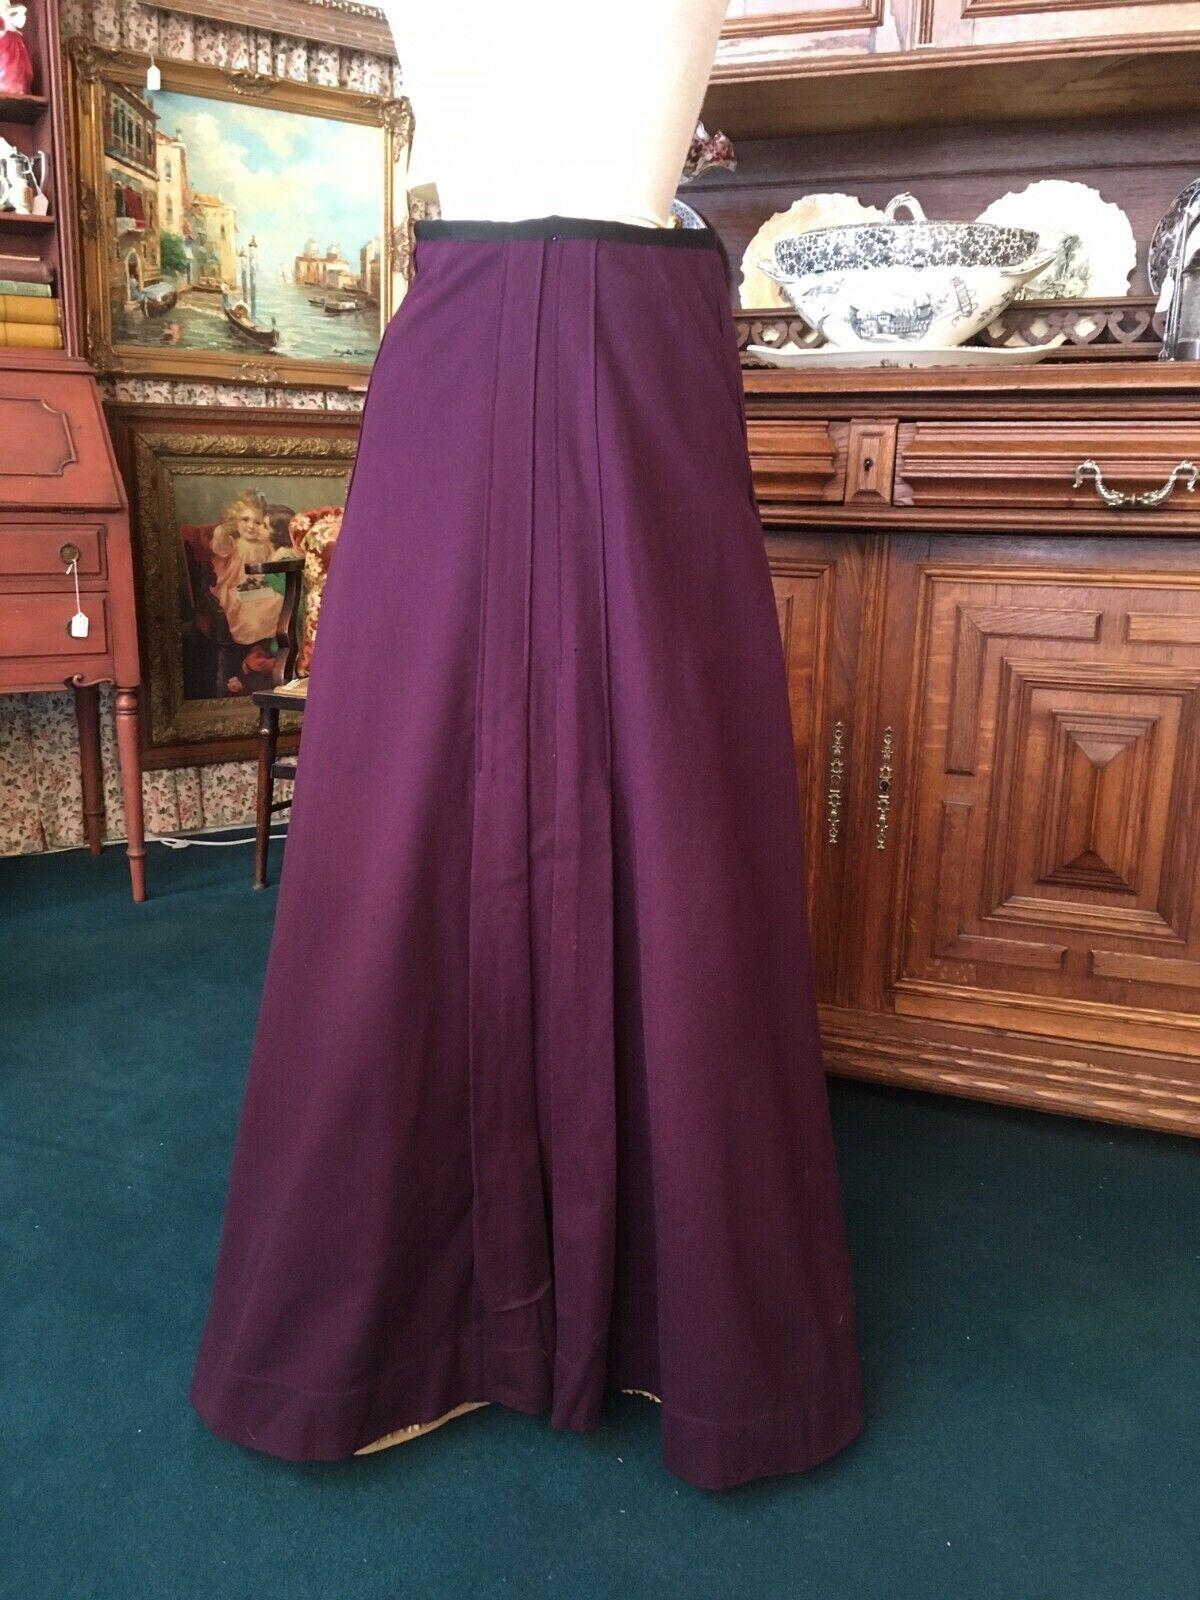 #21-029, Purple Edwardian Pleated Wool Skirt Early 1900